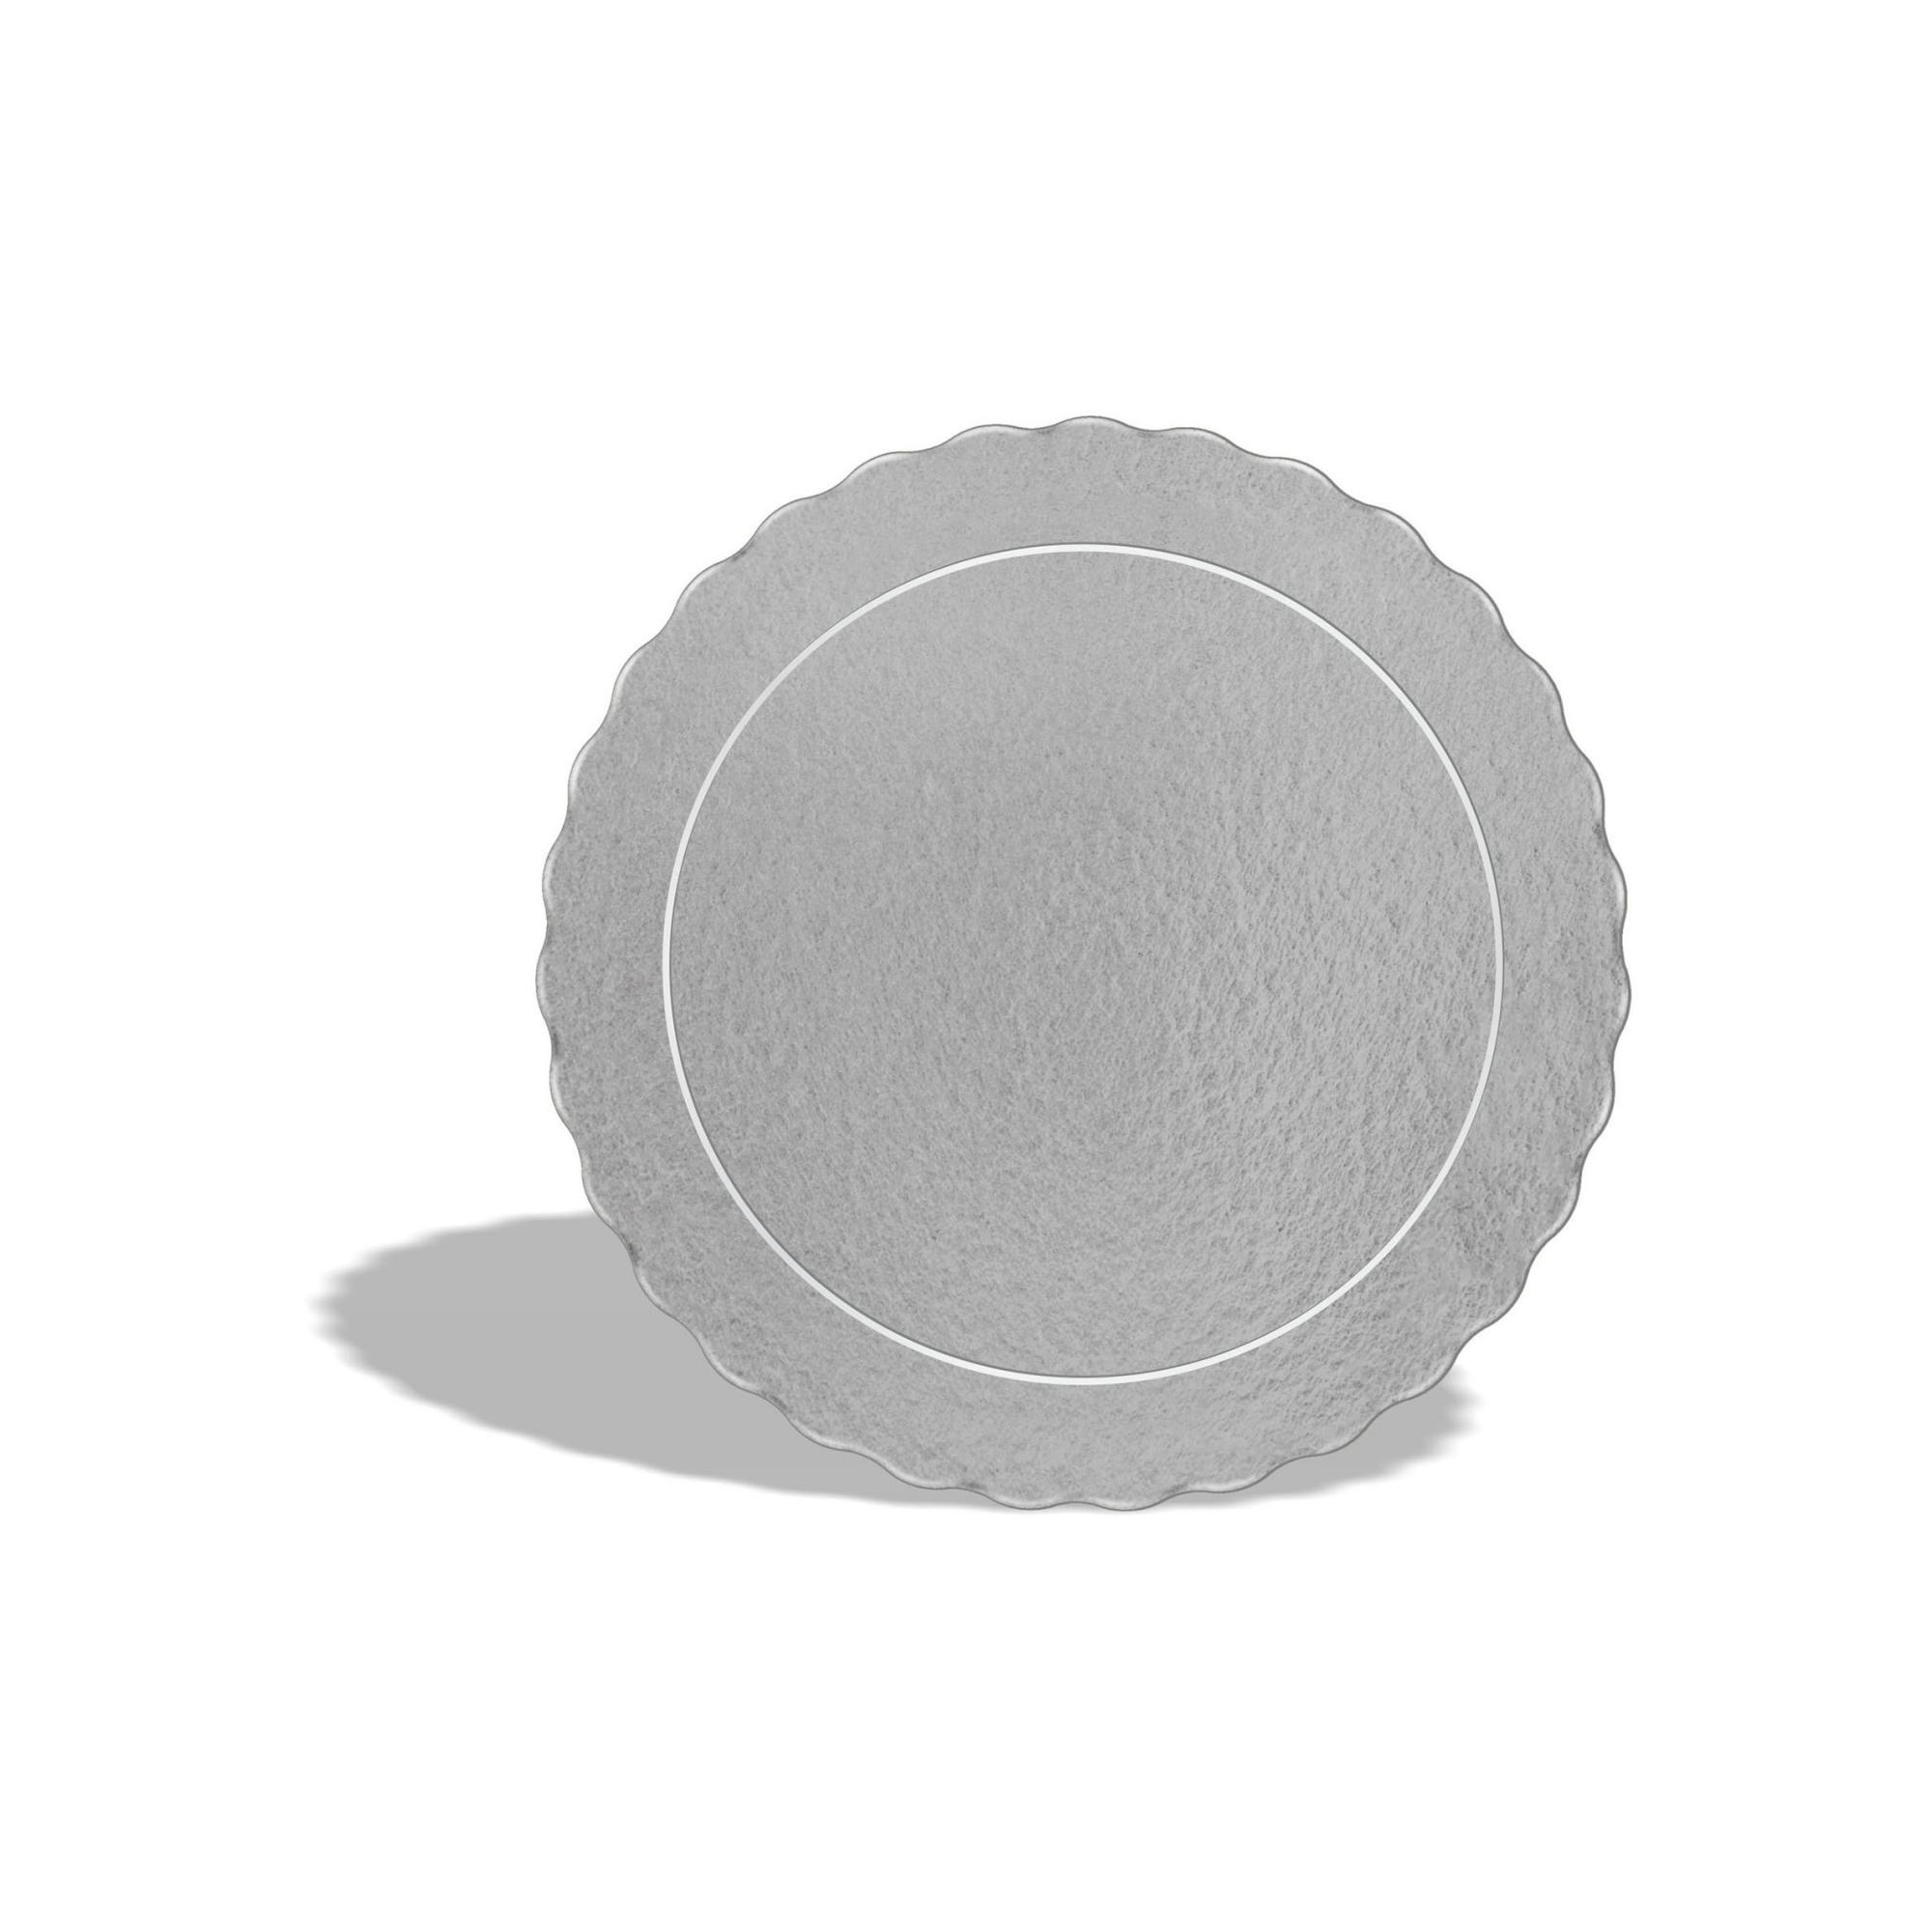 50 Bases Laminadas Para Bolo Redondo, Cake Board 21cm - Prata